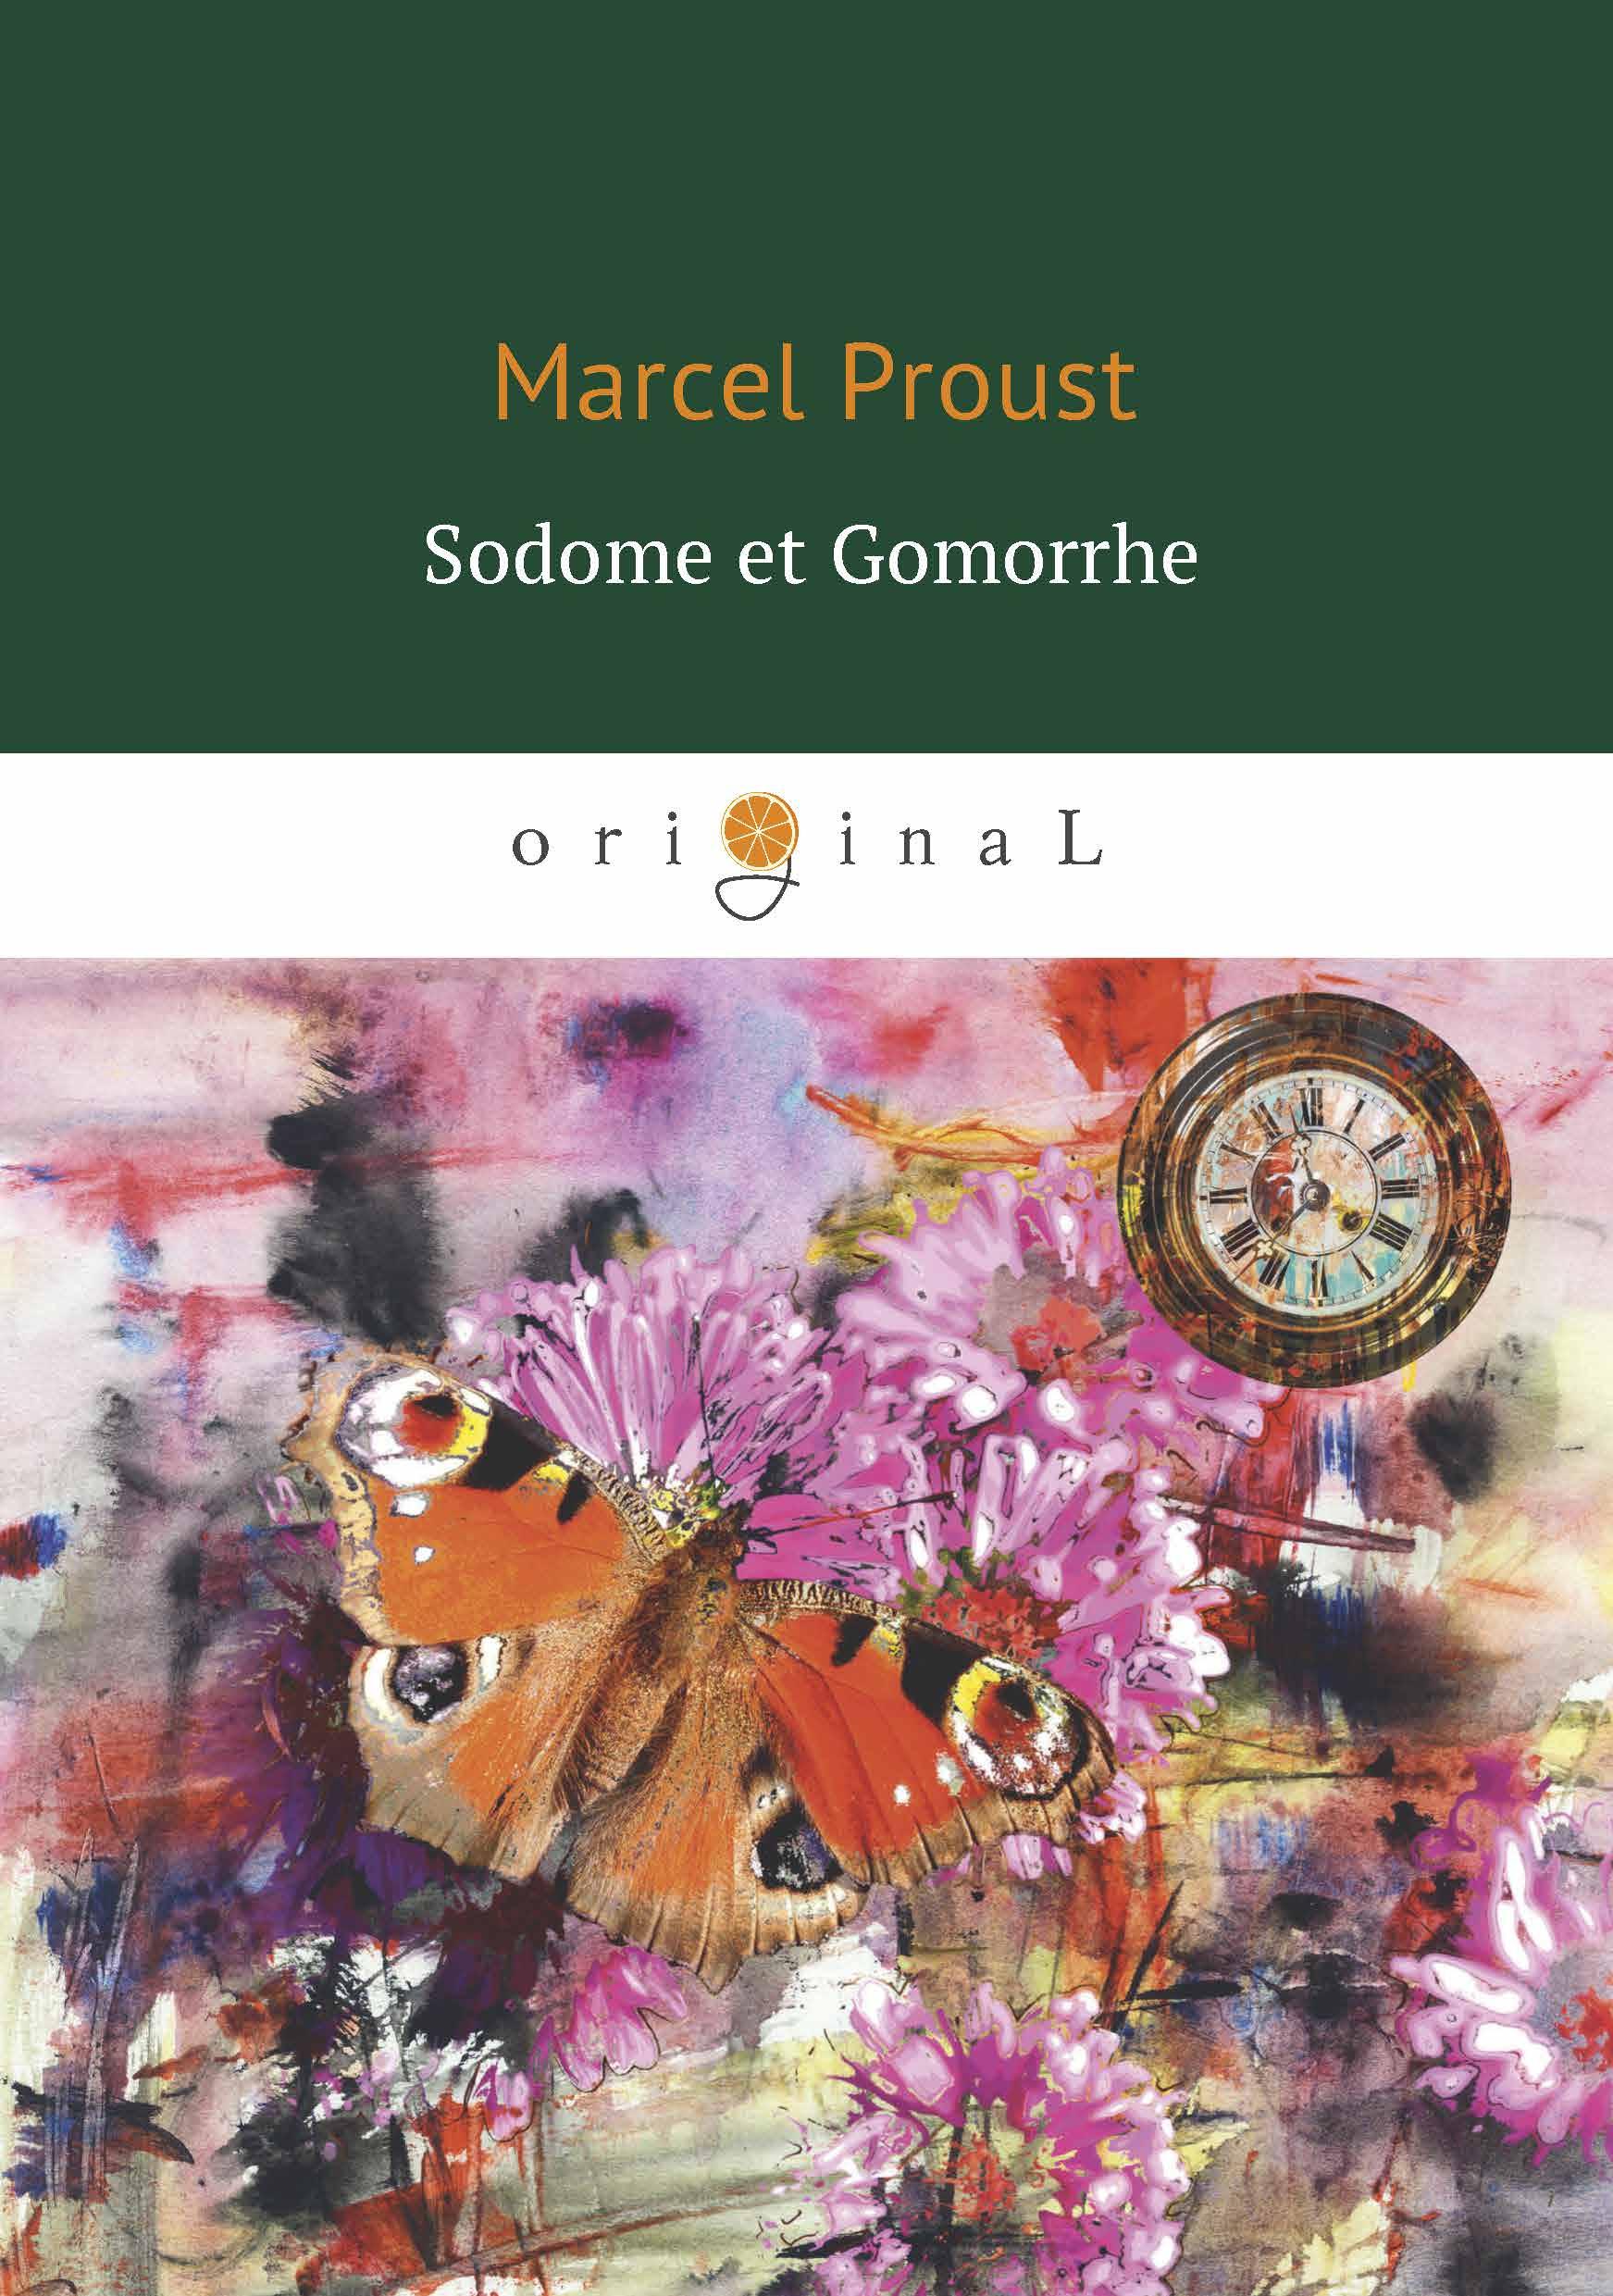 Marcel Proust Sodome et Gomorrhe (Содом и Гоморра)